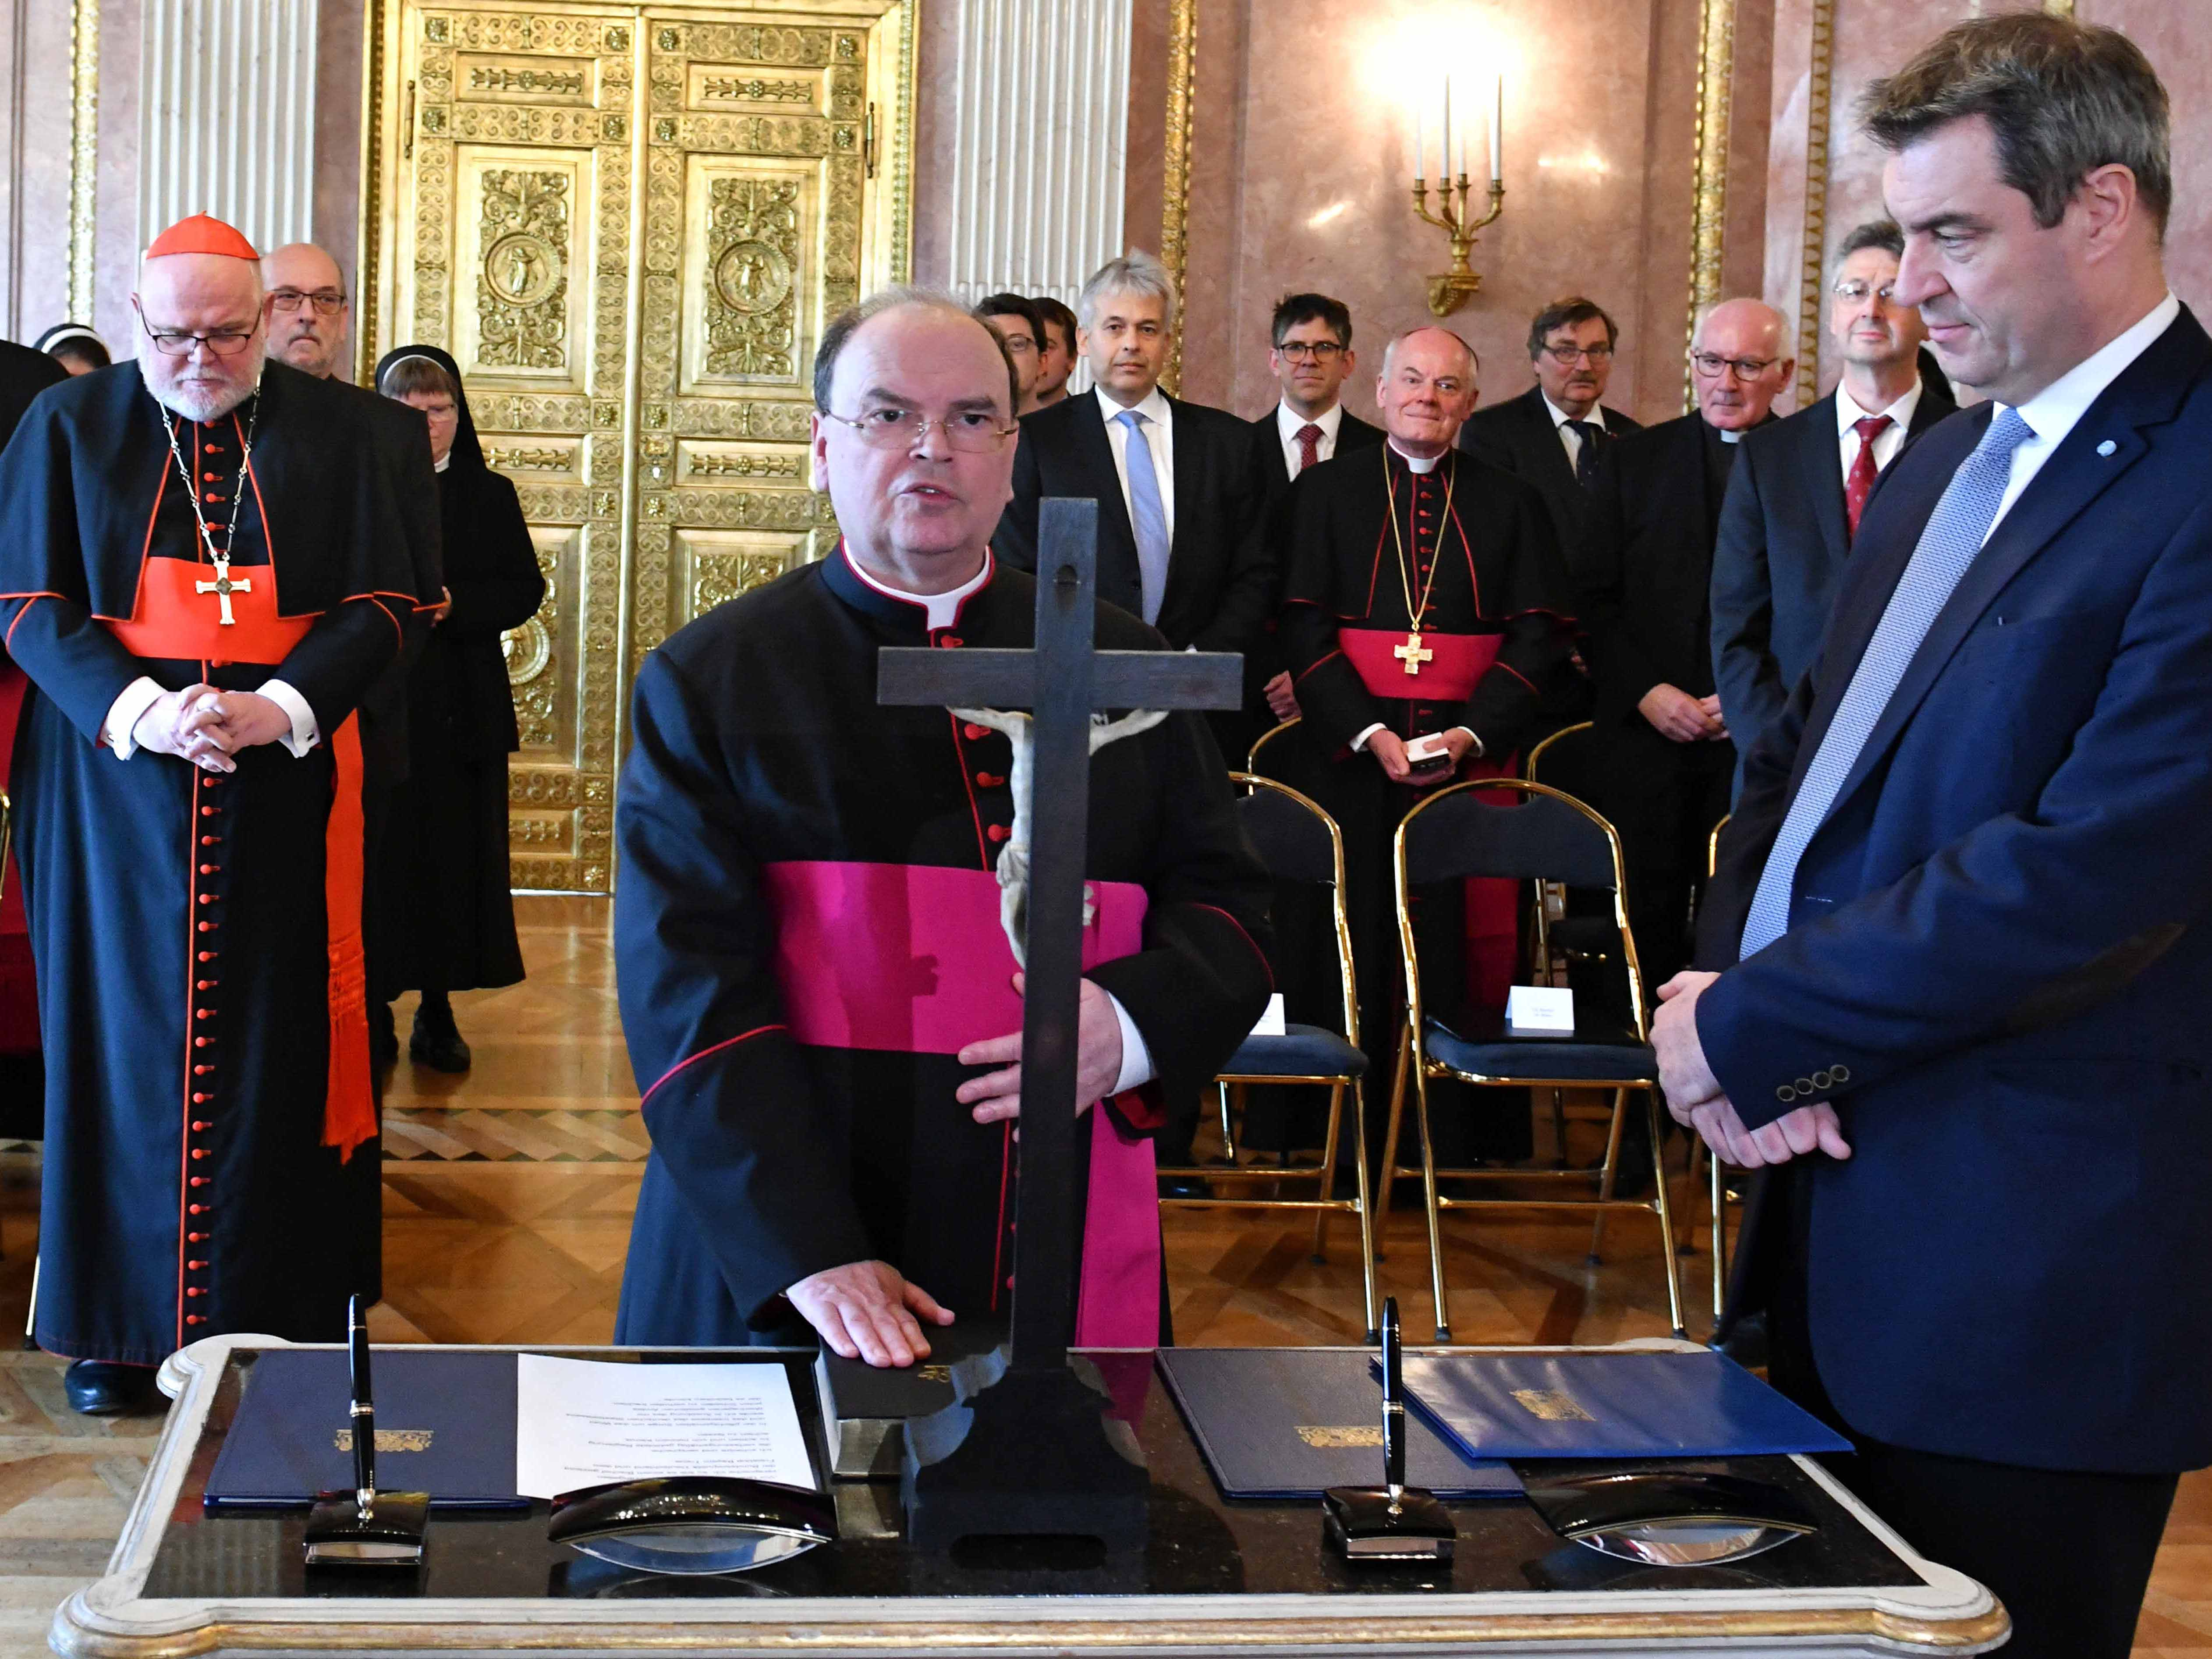 Vereidigung des ernannten Bischofs von Augsburg, Prälat Dr. Bertram Meier (Fotos: Nicolas Schnall / pba)